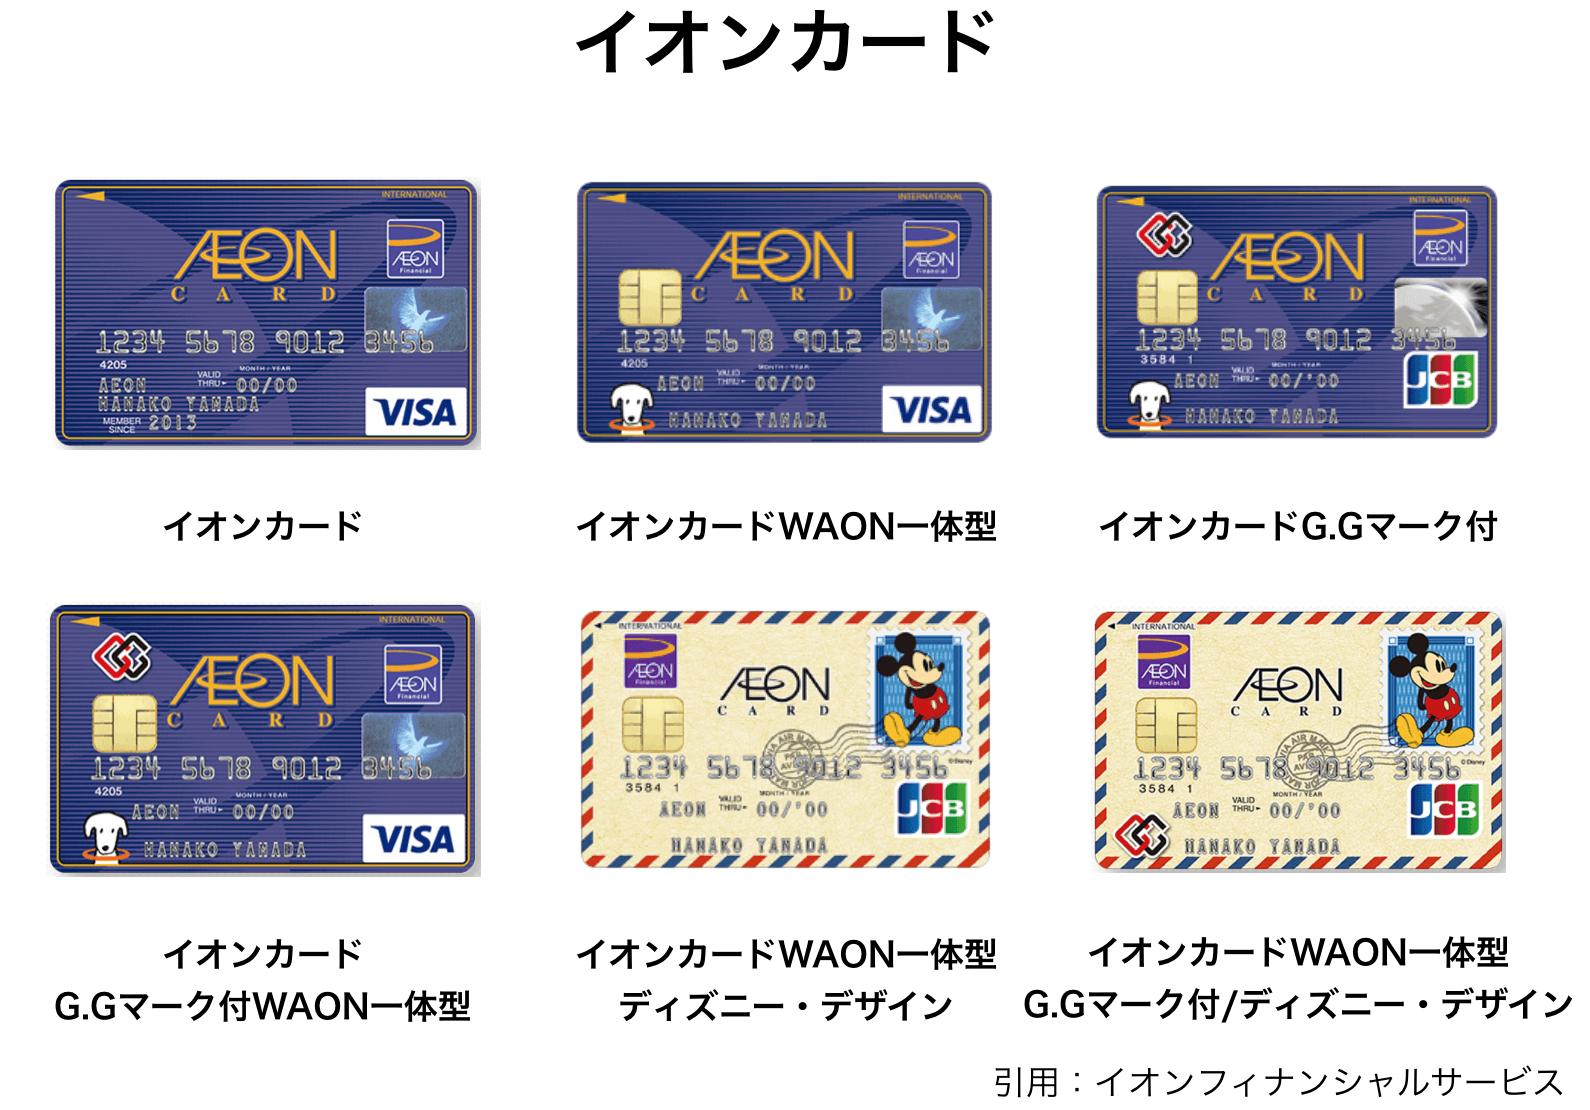 イオンゴールドカード 対象カード イオンカード